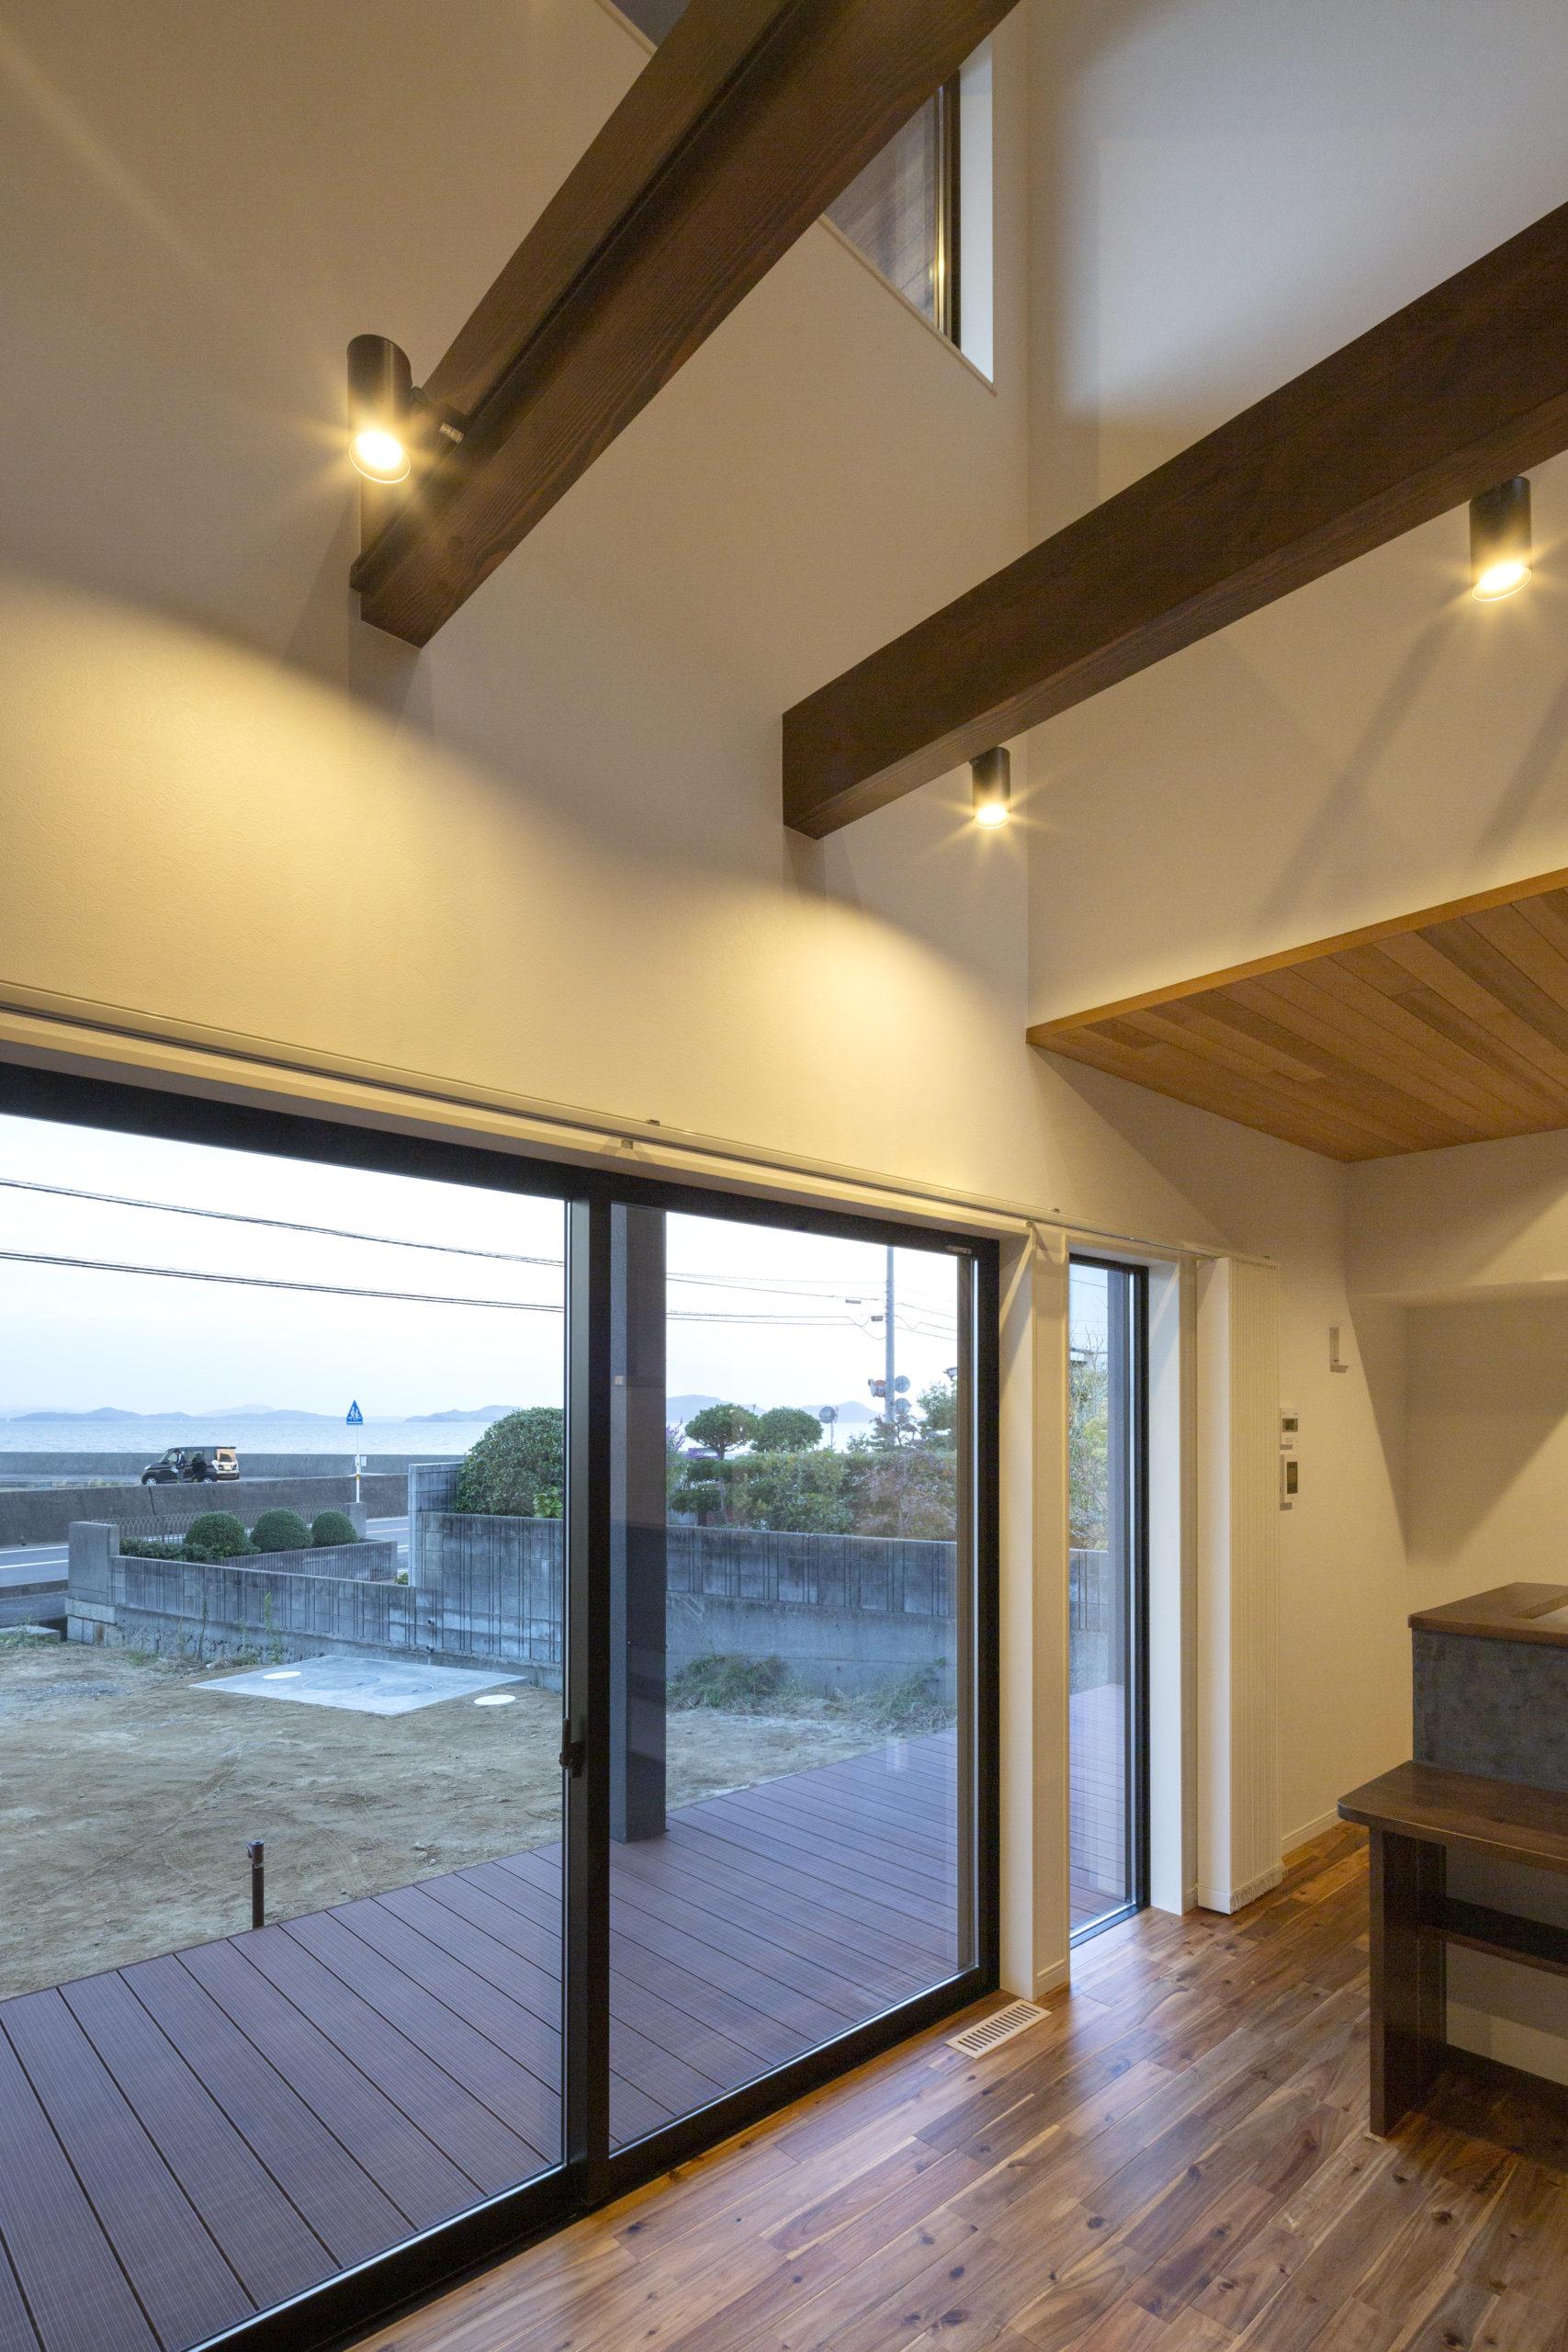 福山市の注文住宅|今井住建の施工事例ギャラリー「ウッドデッキでBBQなんて素敵ですね」